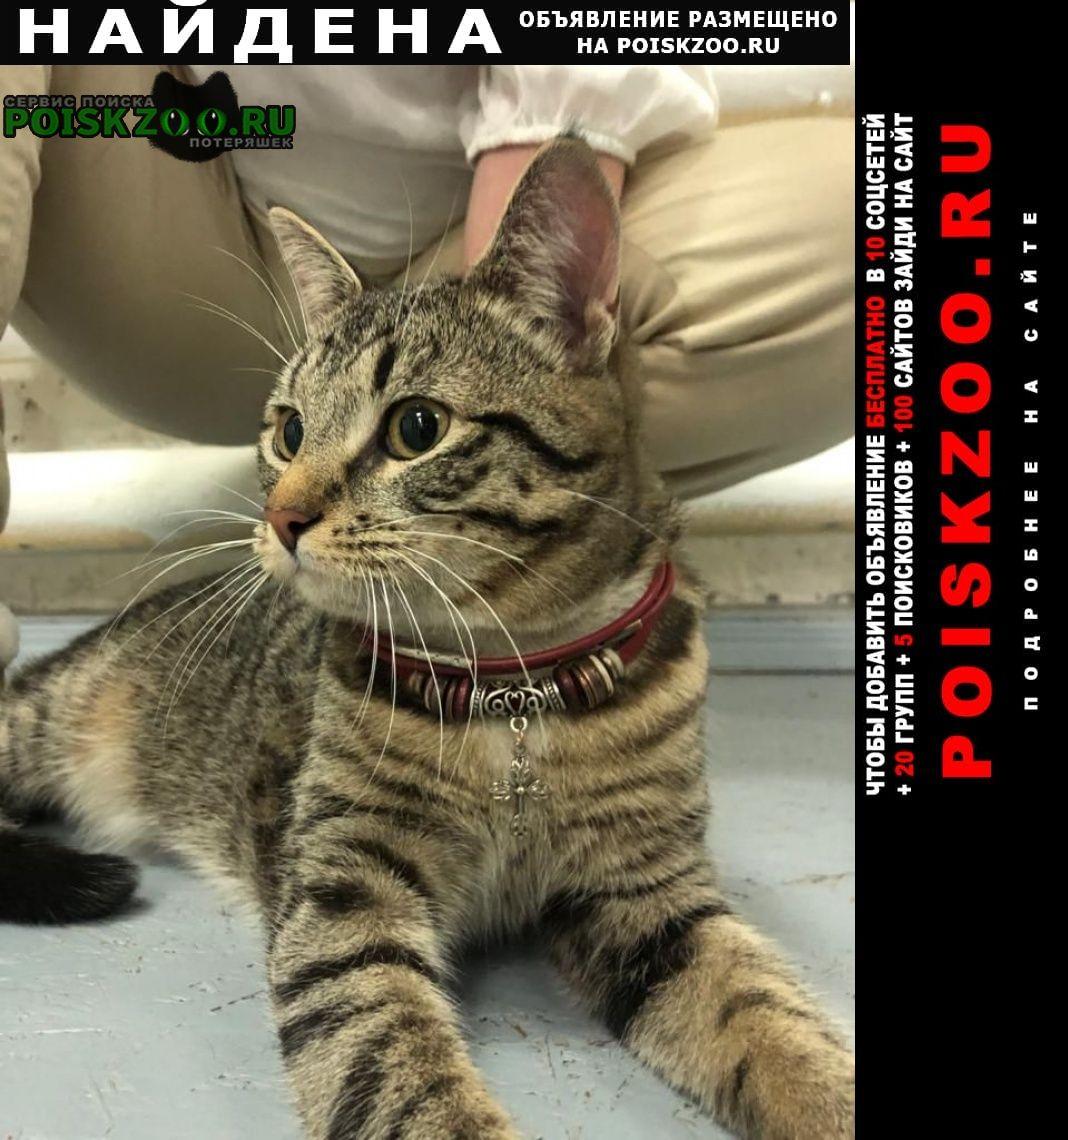 Найден кот на шее крест на красном шнурке Москва